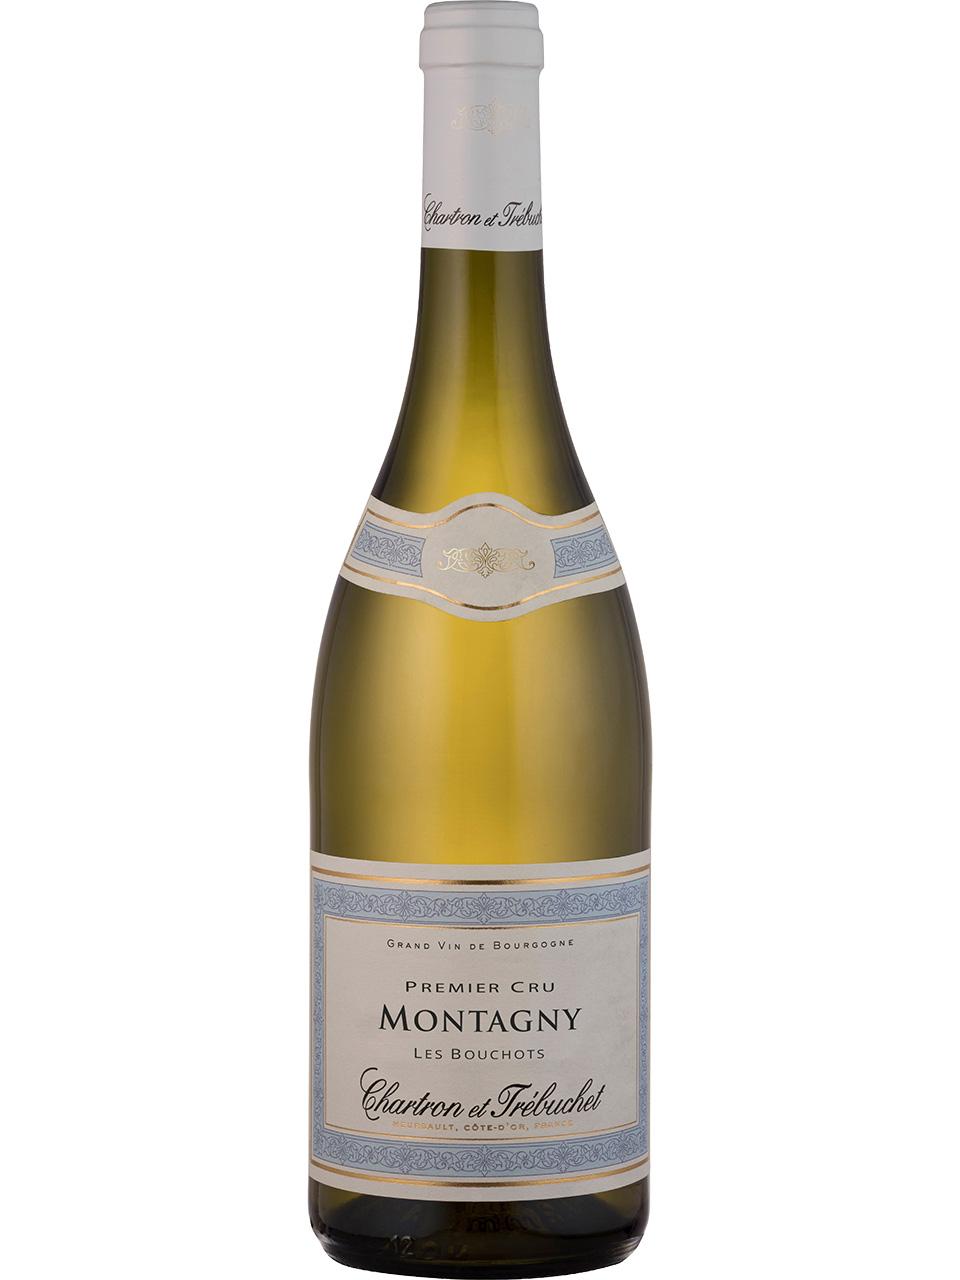 Chartron et Trebuchet Montagny 1erCru Aux Bouchots